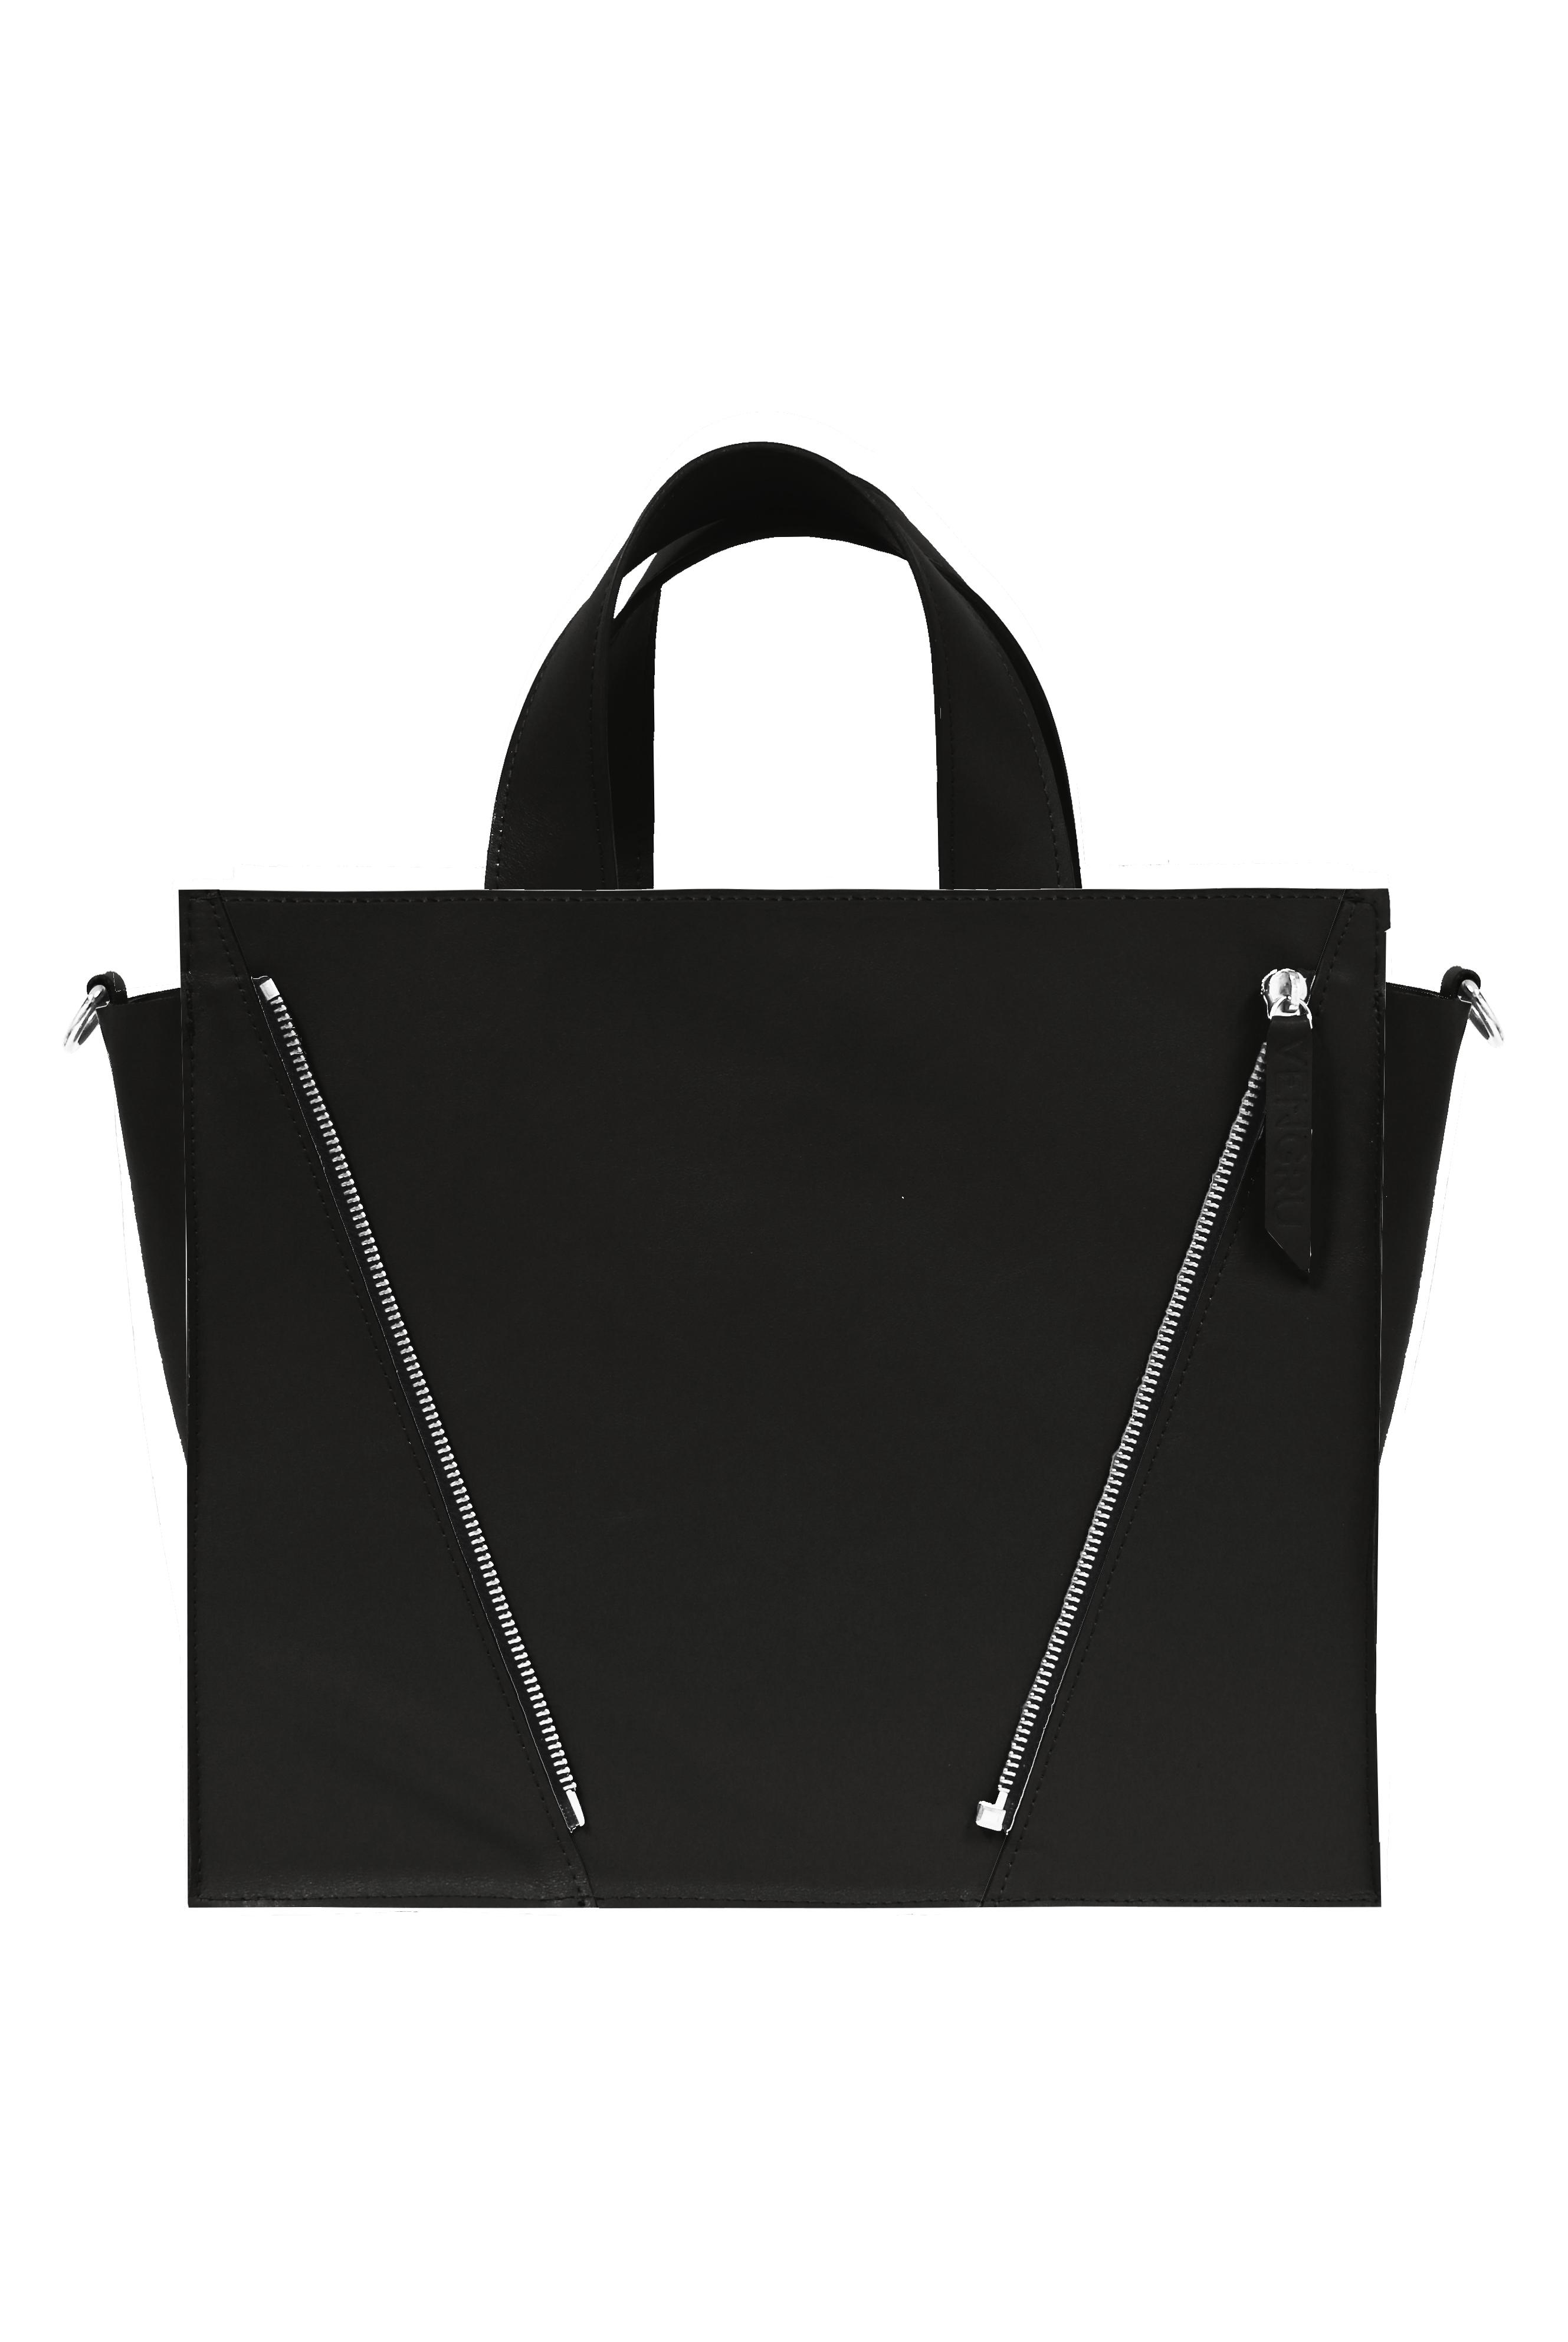 fekete bőr válltáska, kocka táska